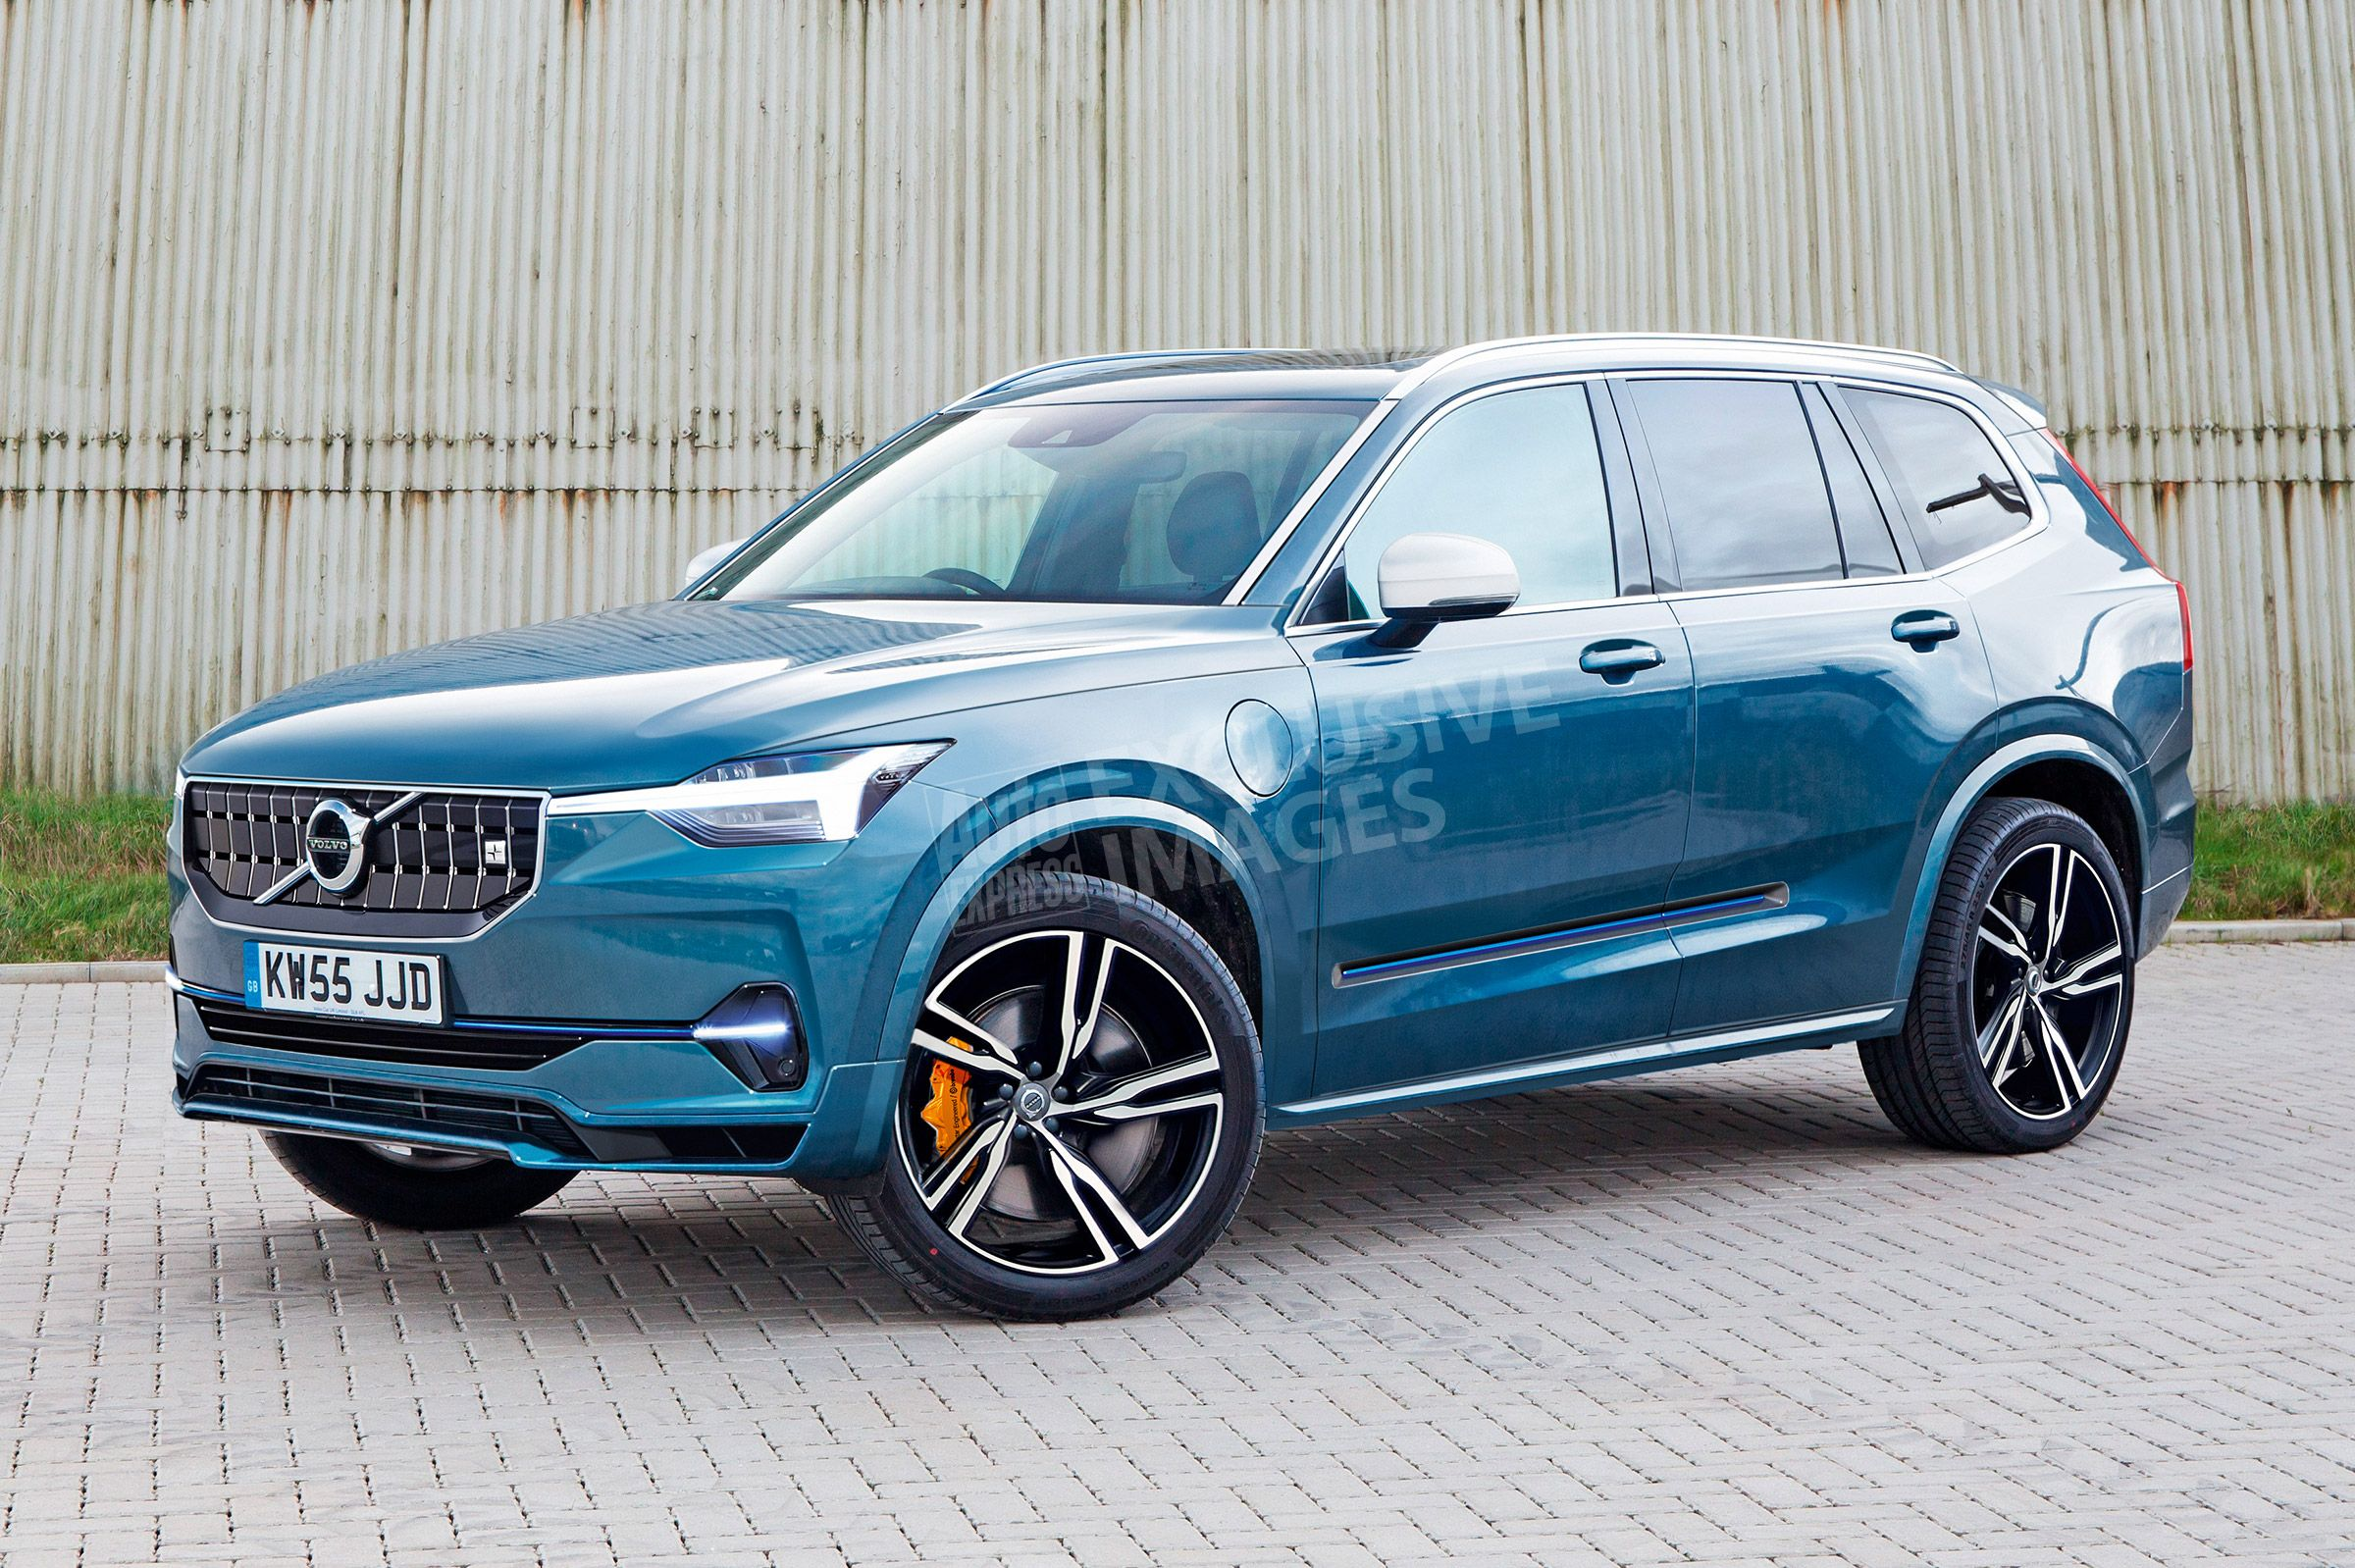 2020 Volvo Xc90 Volvo Xc90 Volvo Cars Volvo